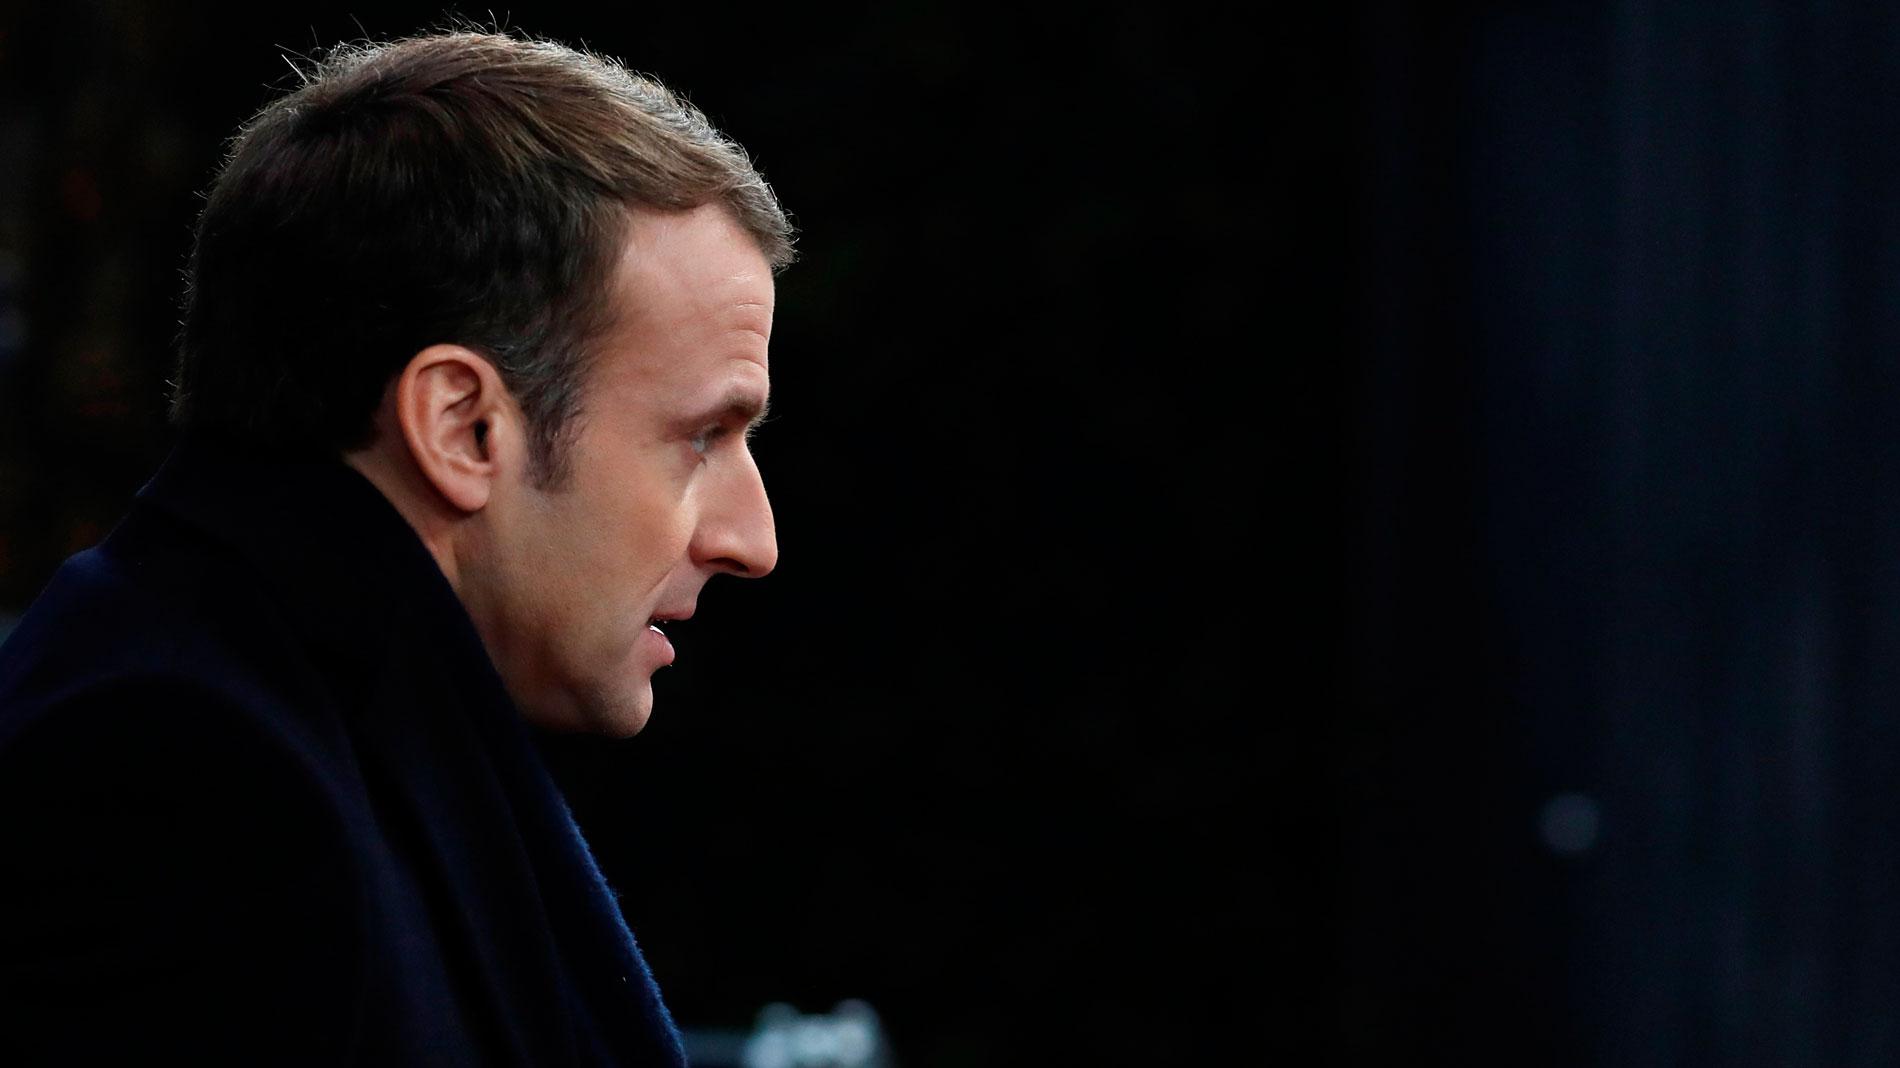 """Macron invita a los ciudadanos a unirse a un gran debate nacional  plan para hacer frente a las revueltas de los """"chalecos amarillos"""""""